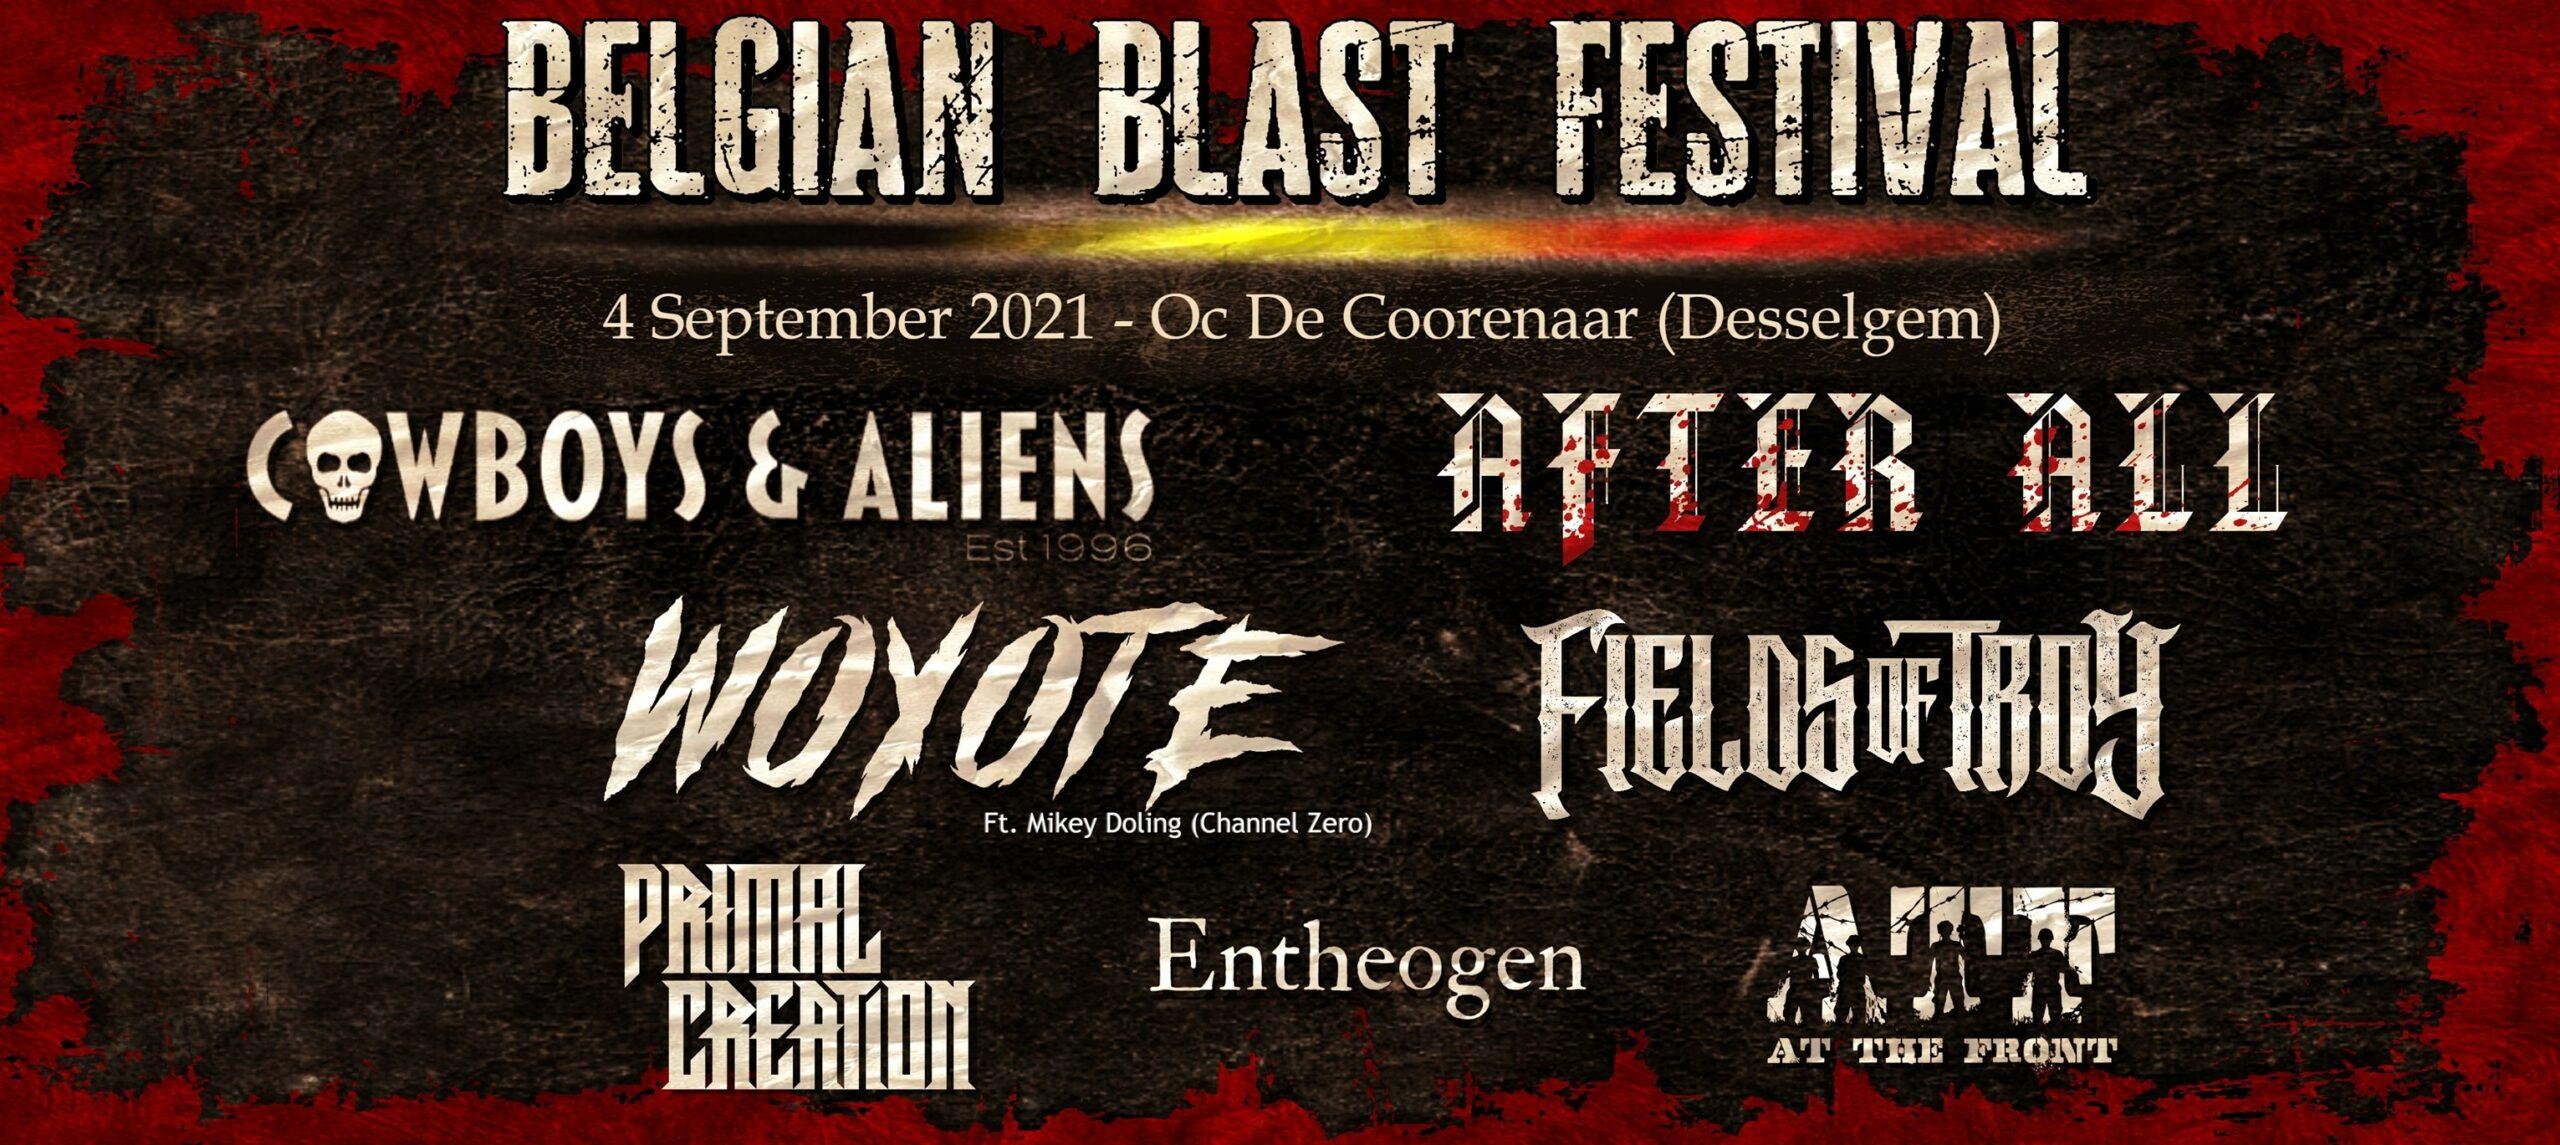 Belgian Blast Festival – 04/09/21 – Desselgem